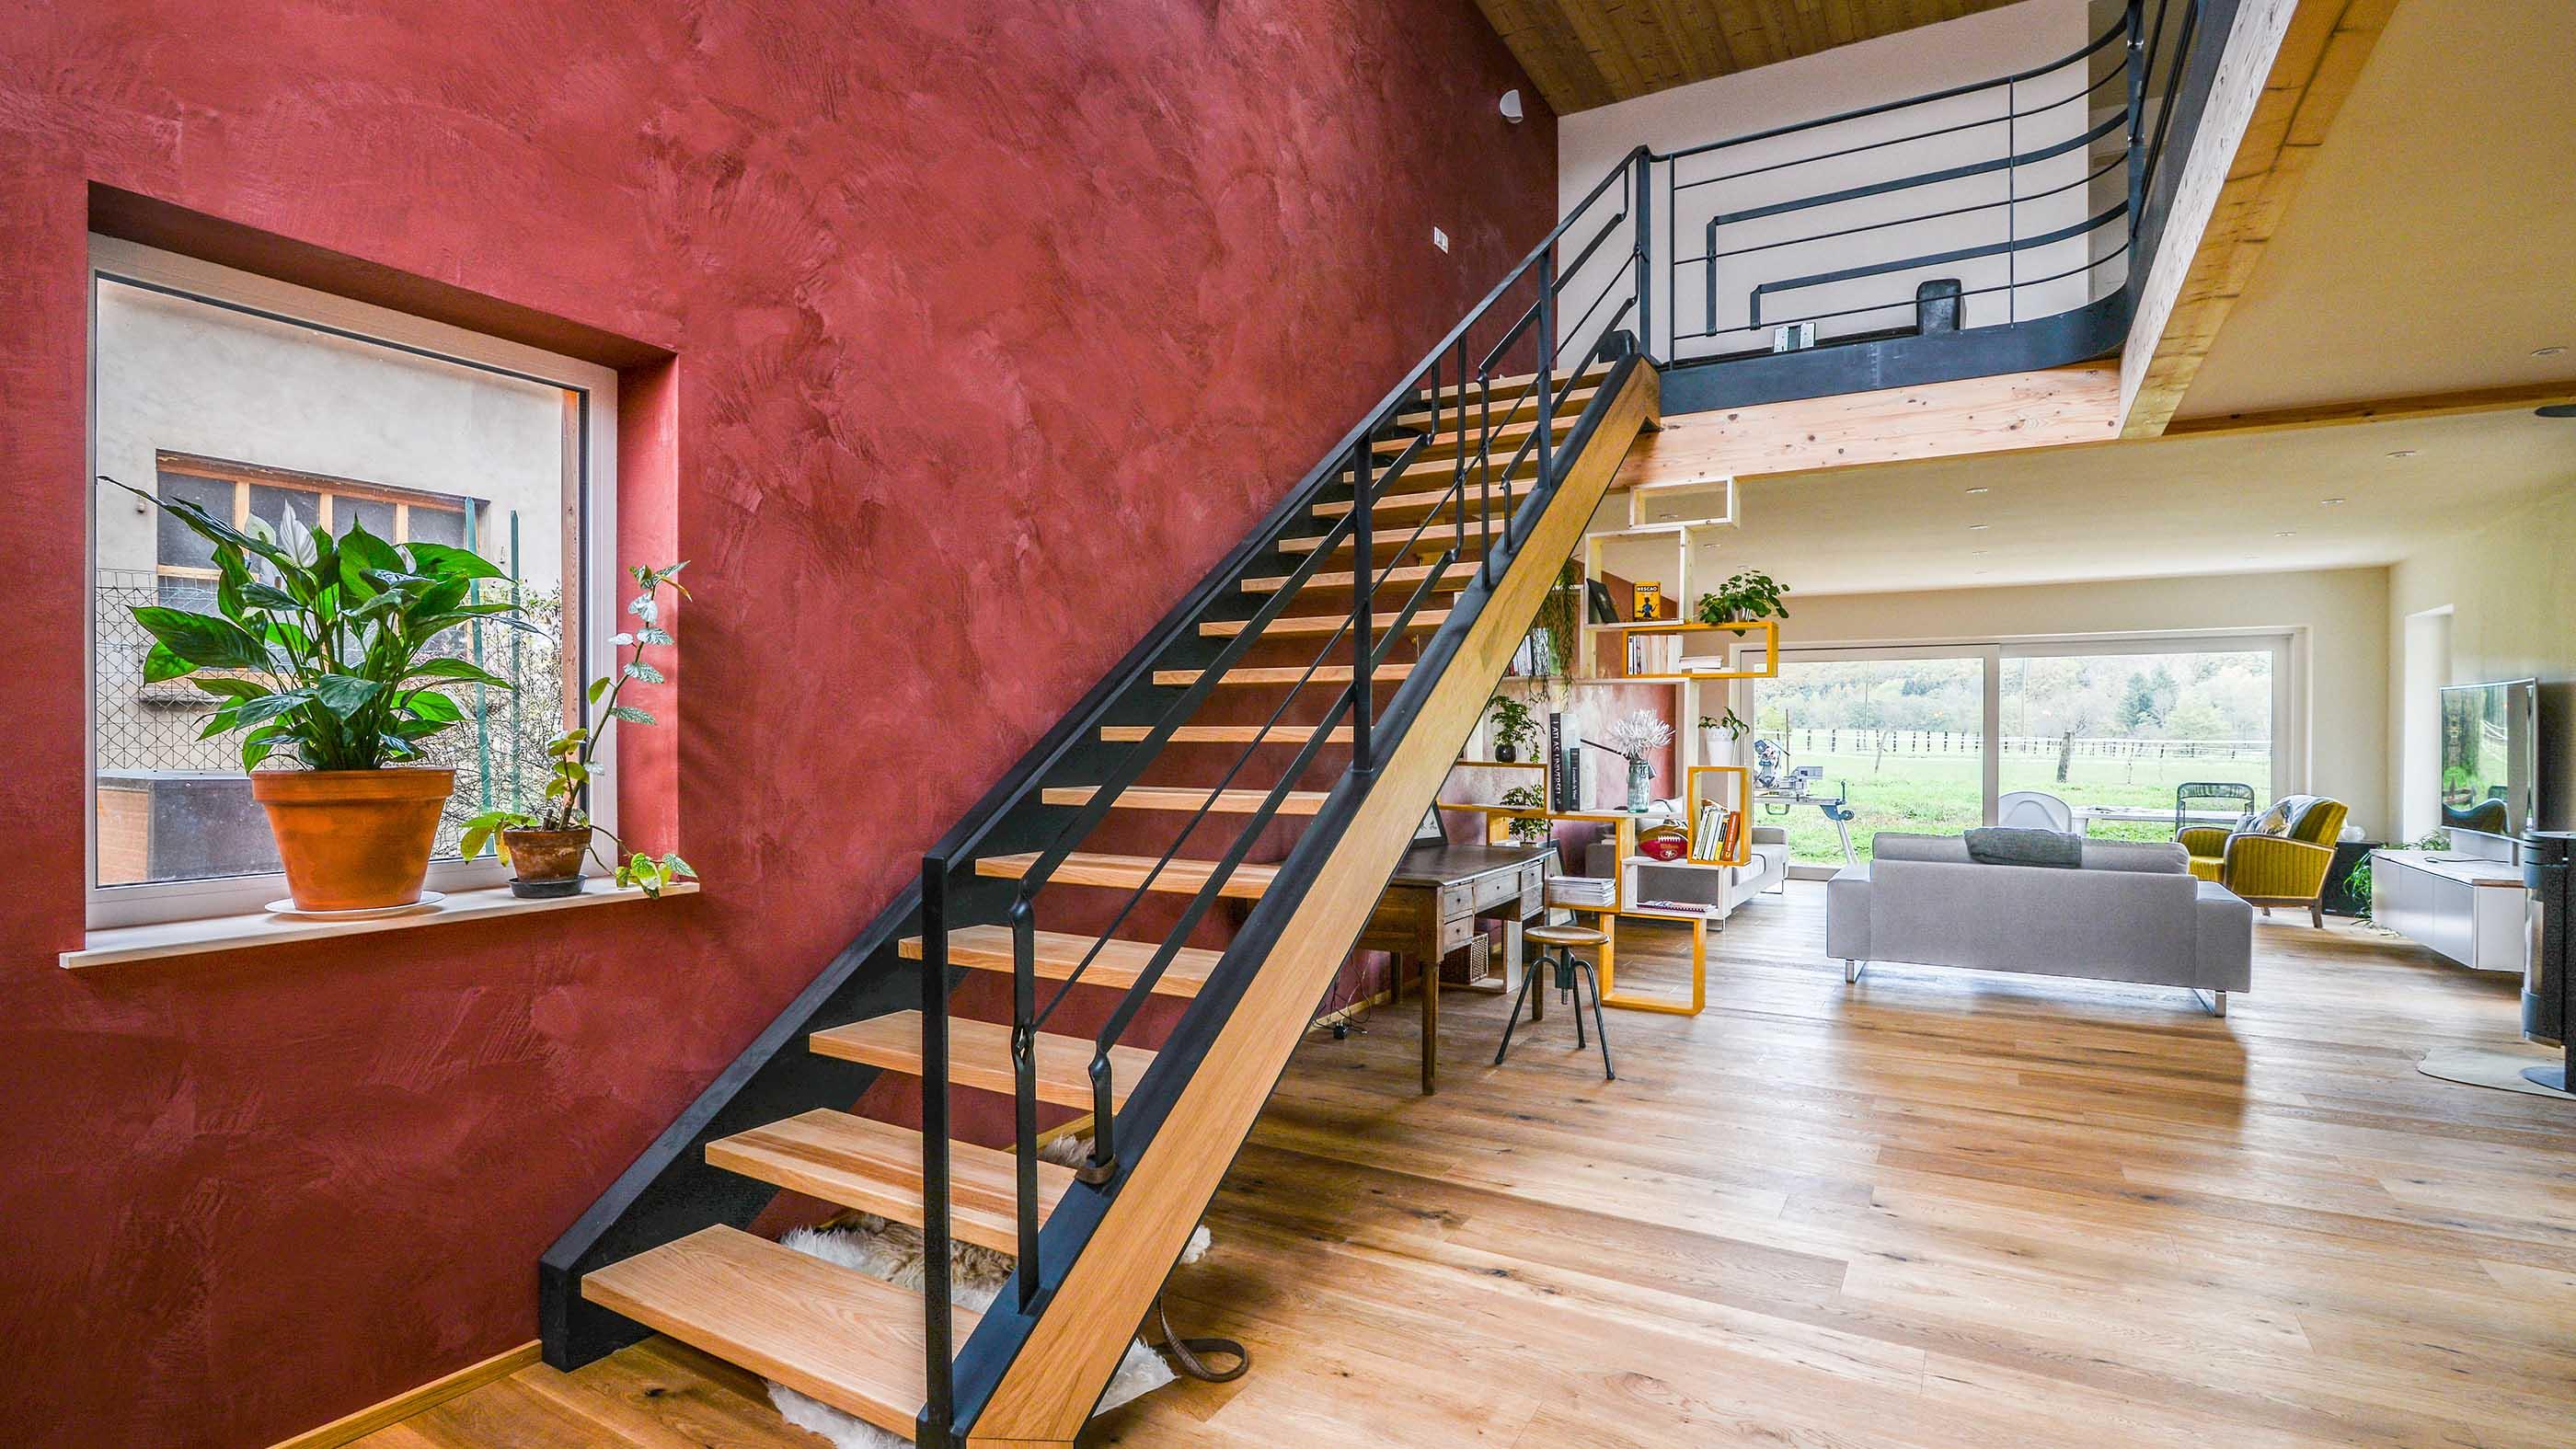 Réalisation et pose d'un escalier design en bois et métal